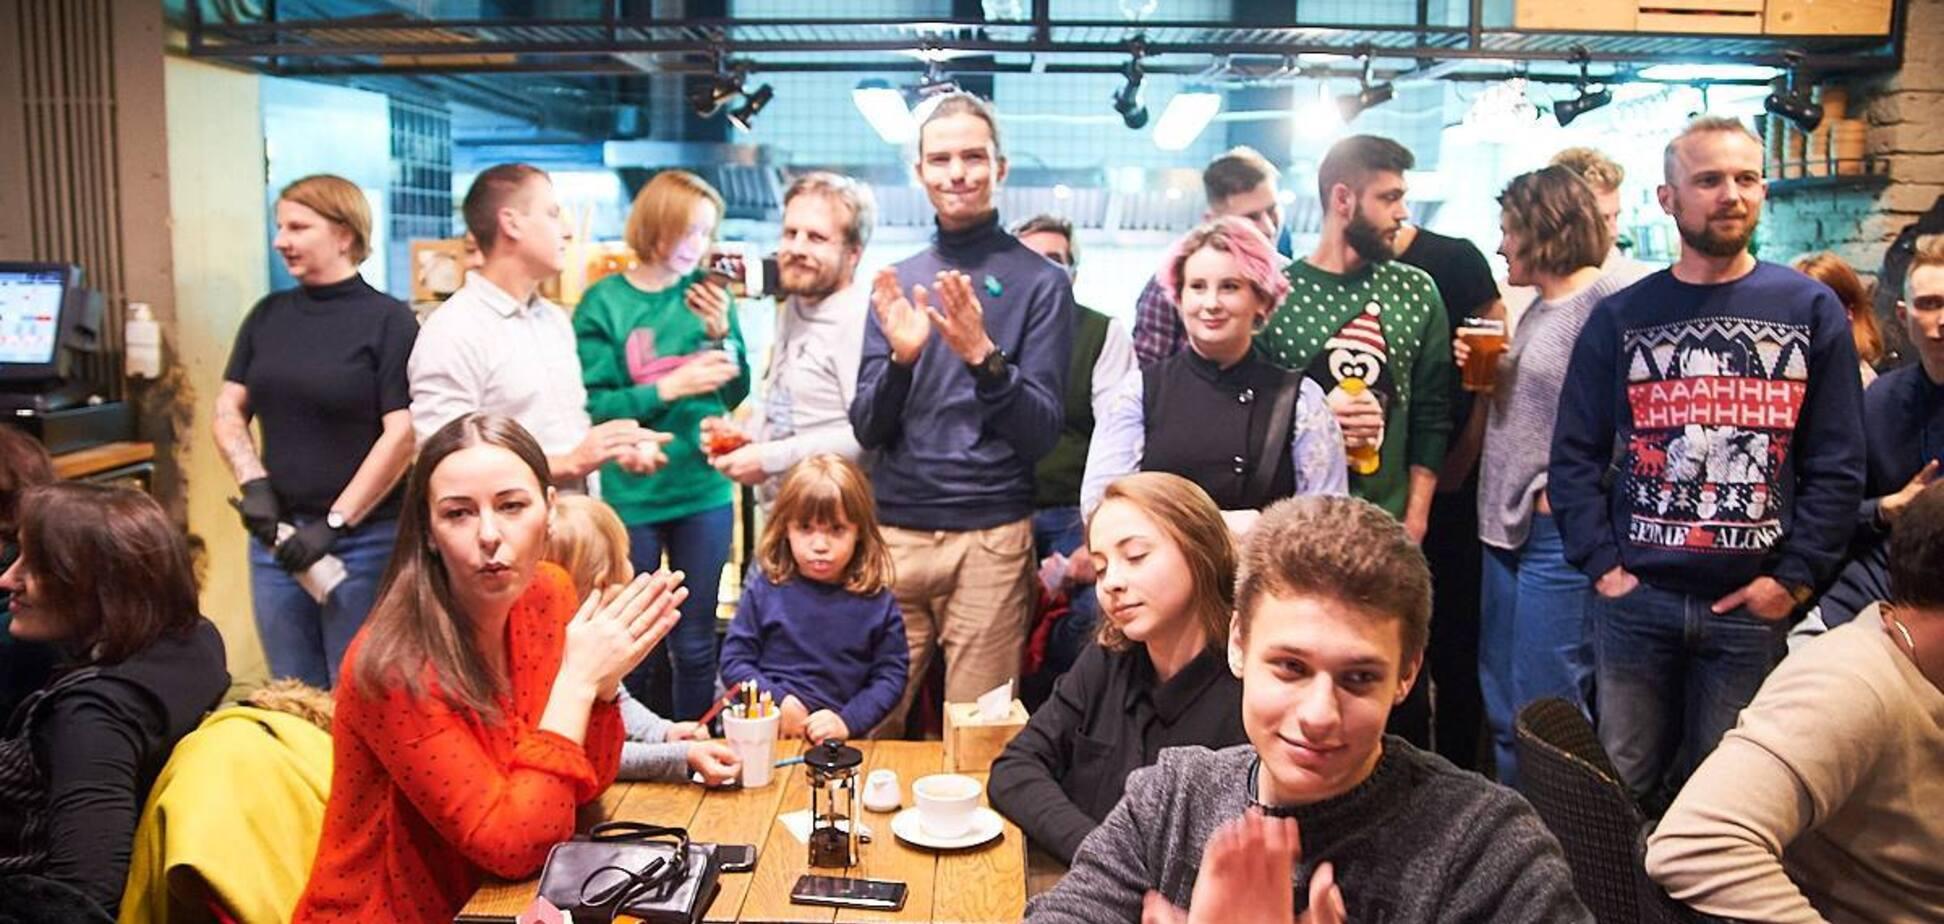 Urban Space 500: названо дату відкриття громадського ресторану в Києві